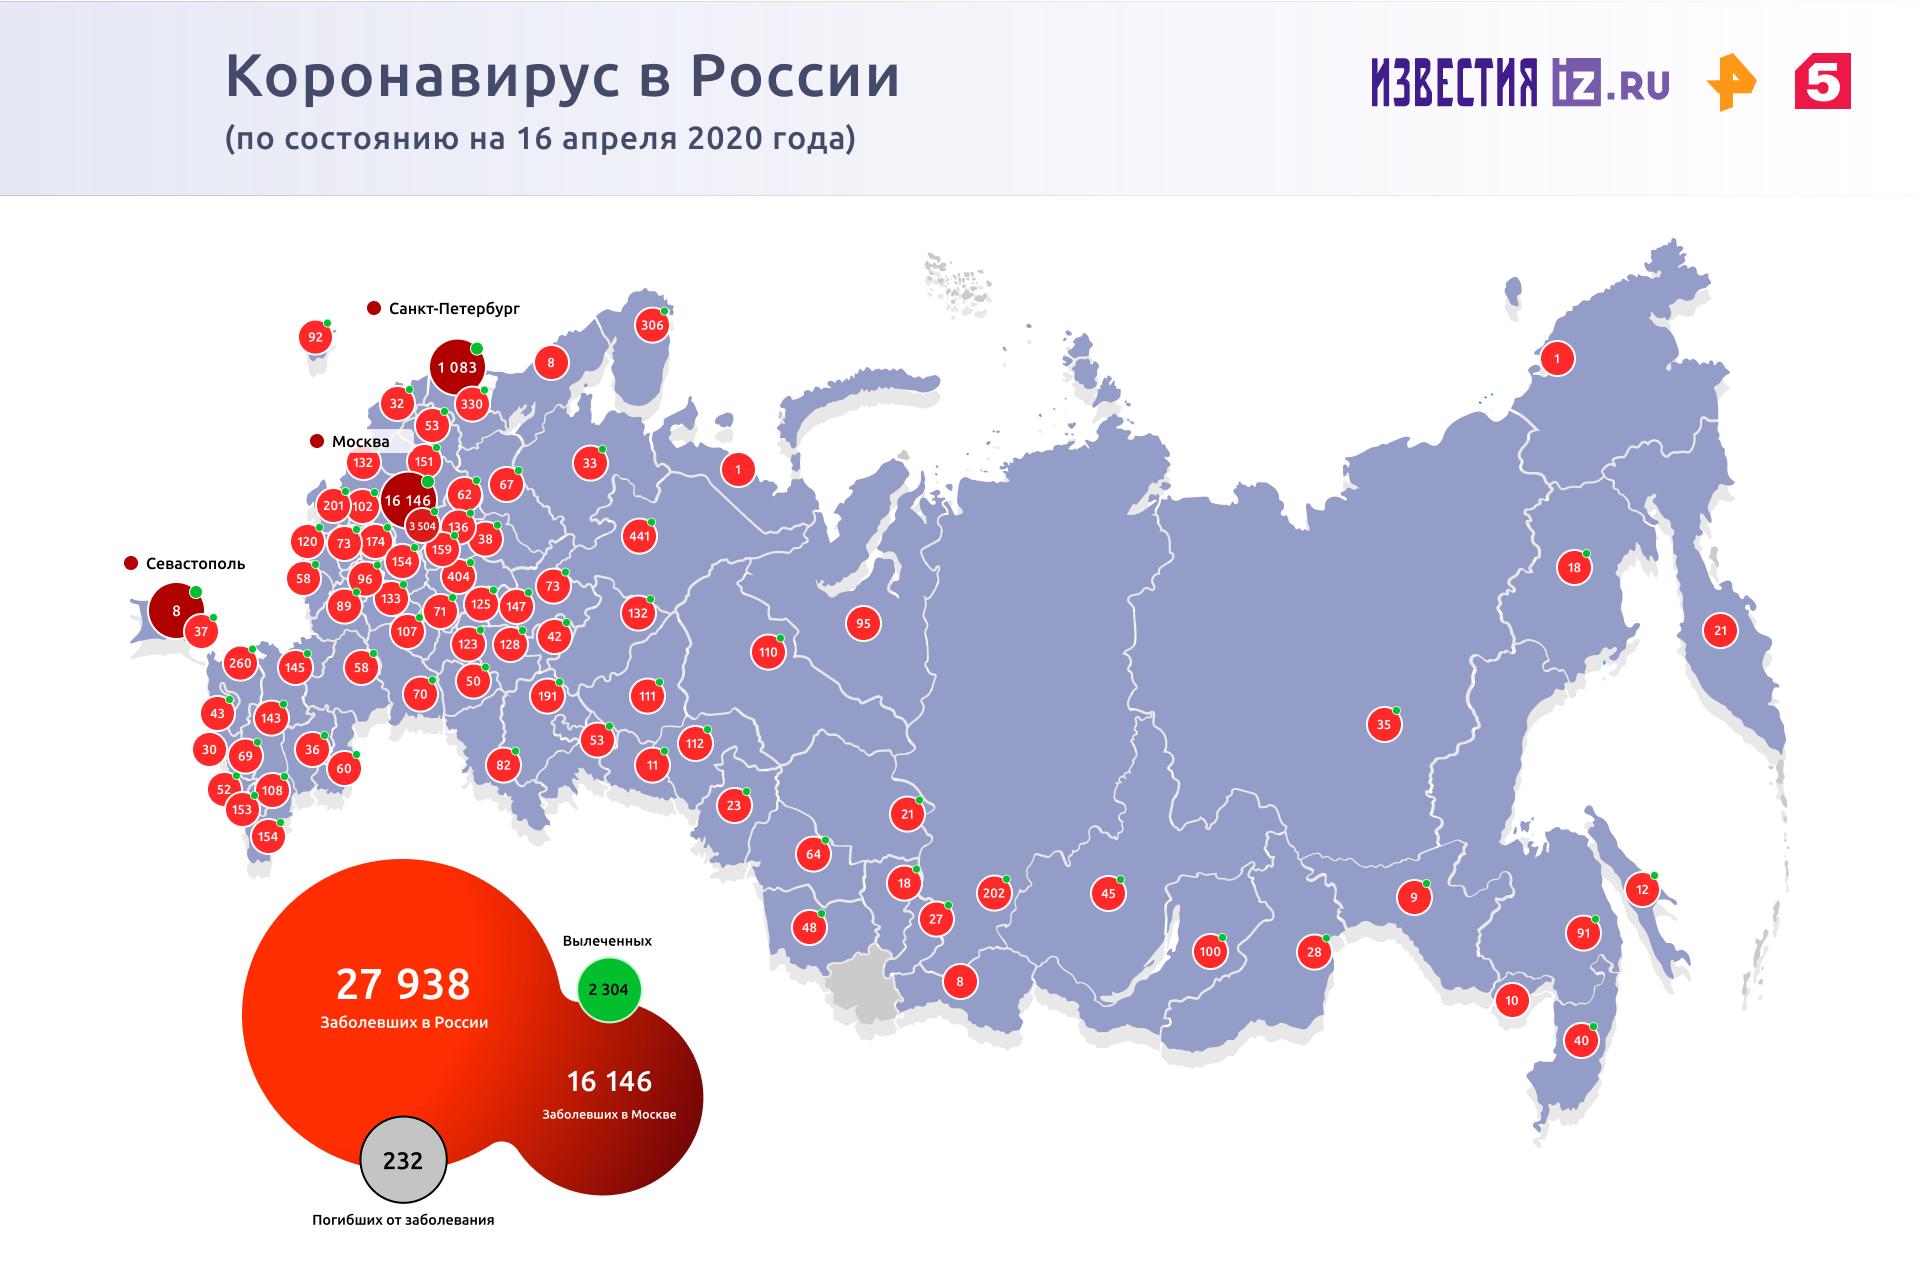 В Подмосковье за три дня оформлено около 2,7 млн цифровых пропусков